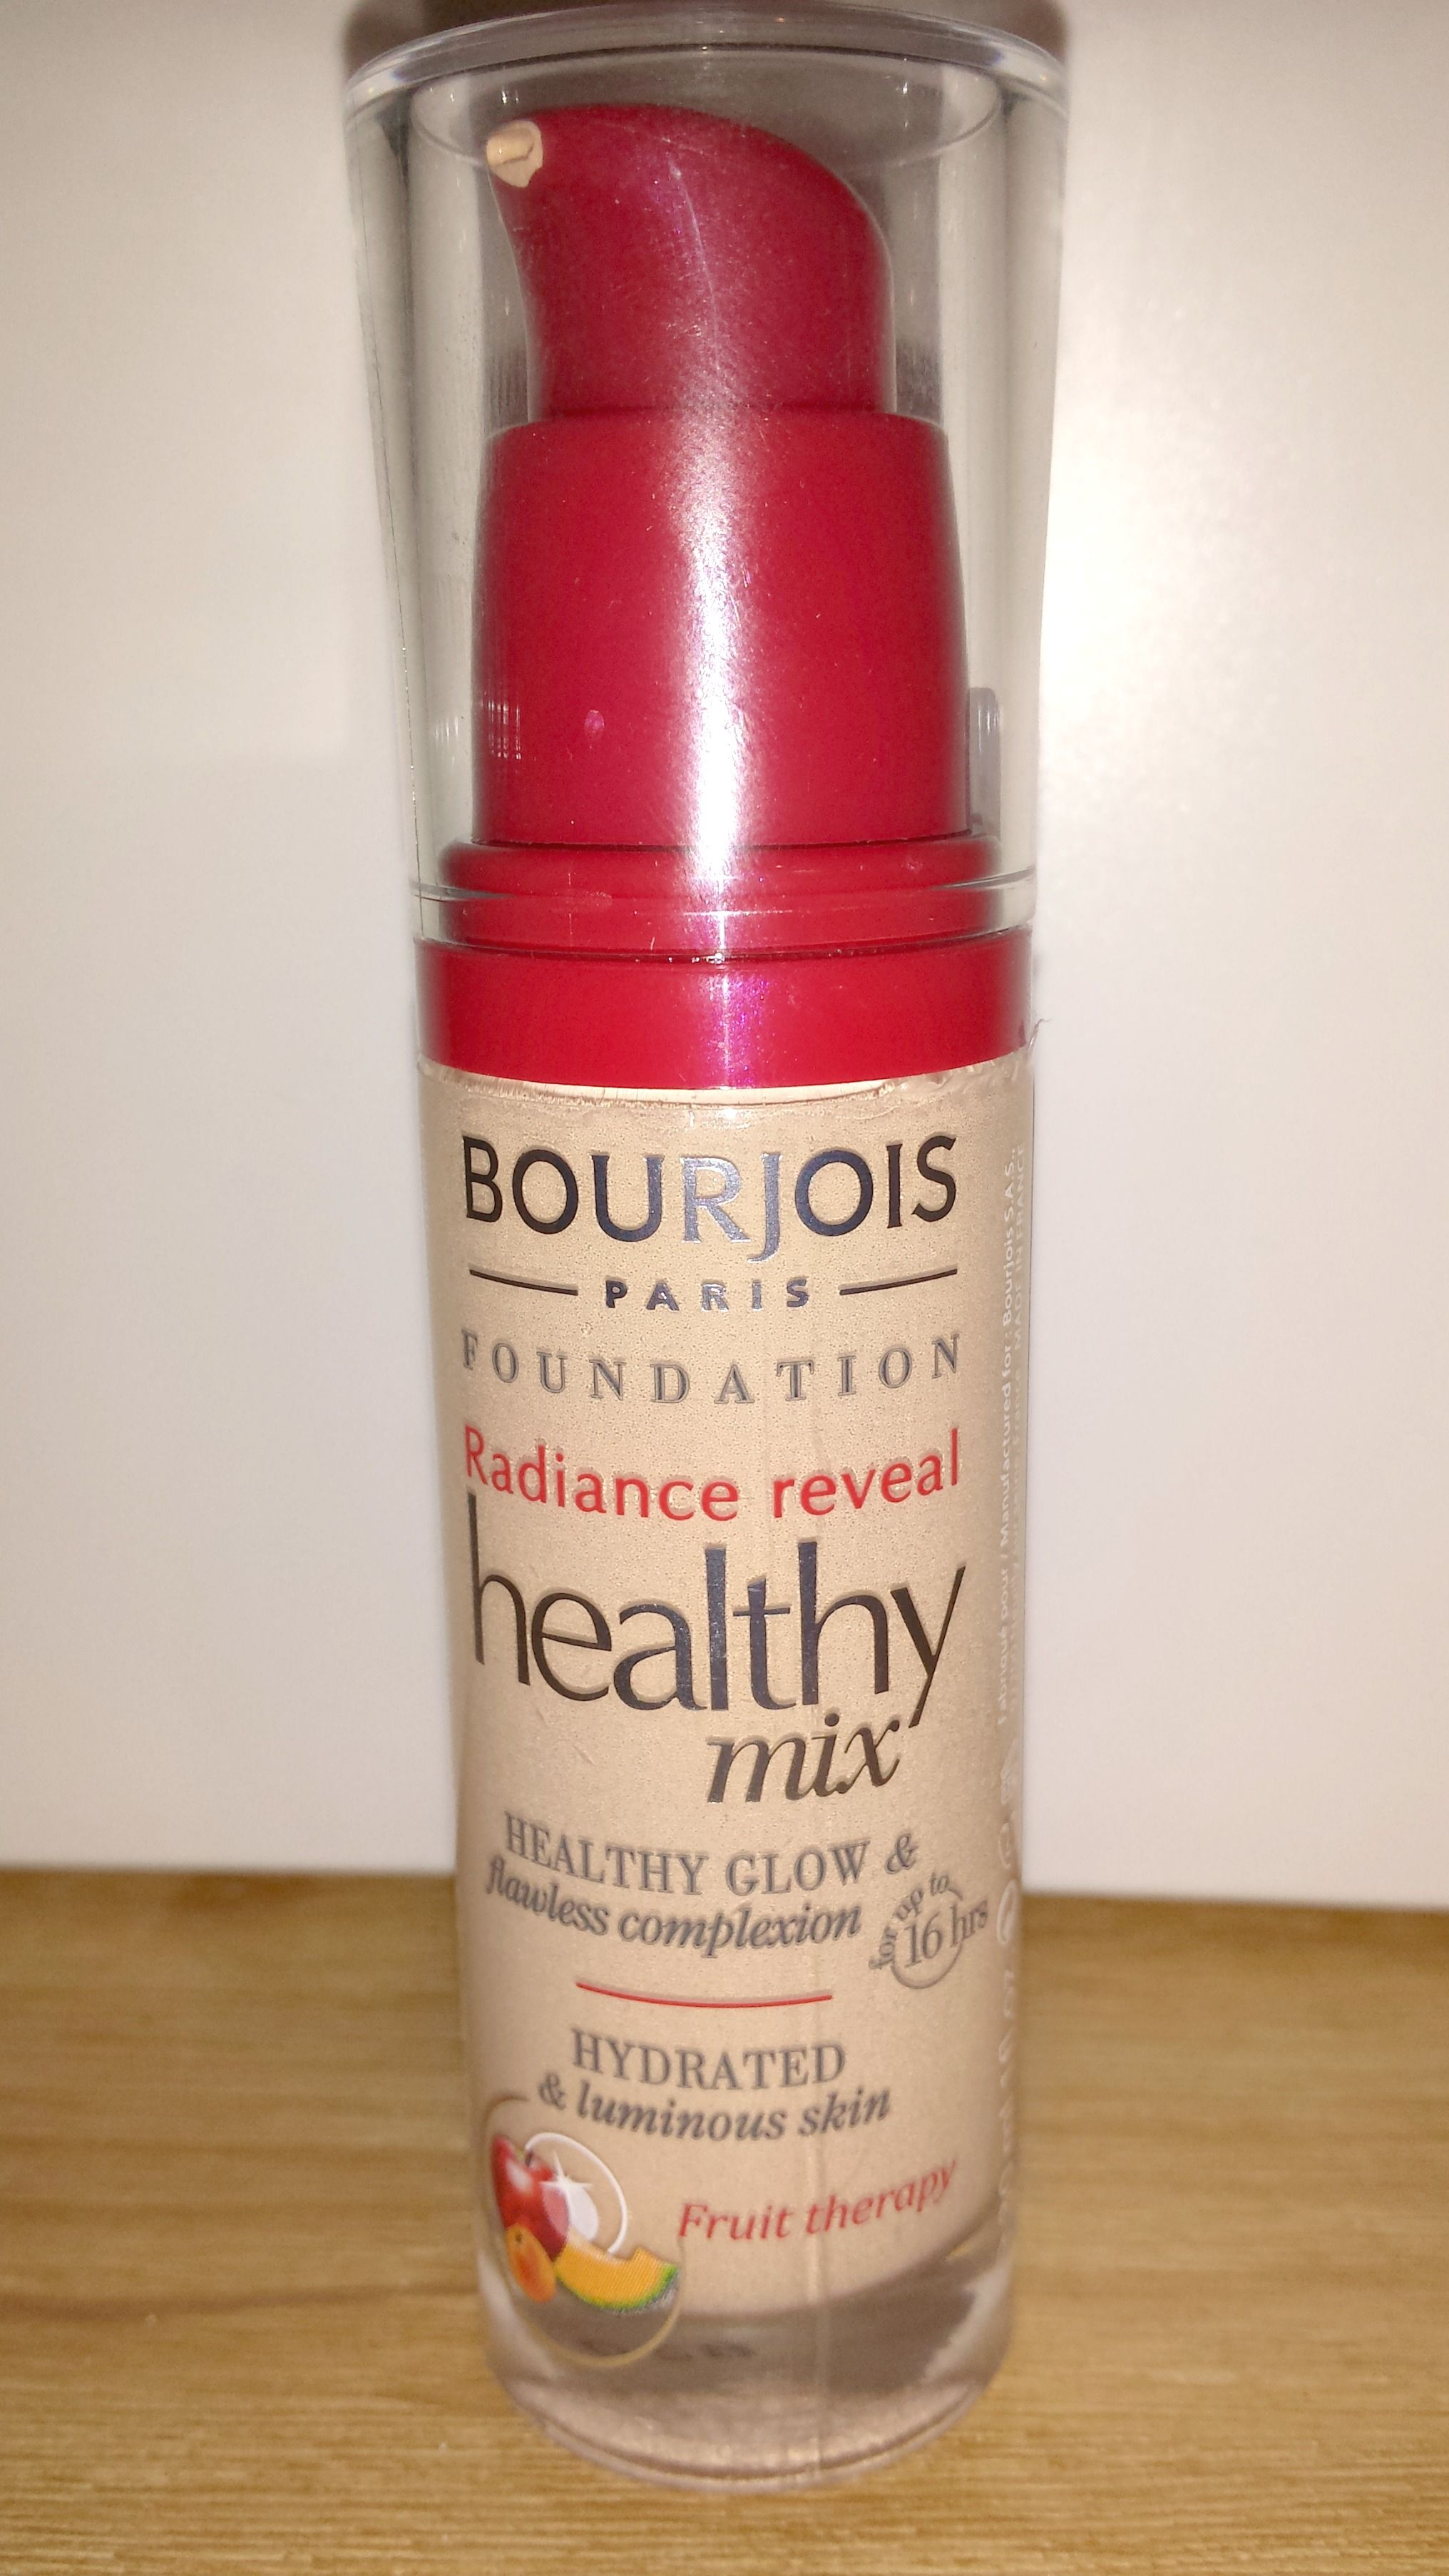 Bourjois Healthy Mix Foundation Bourjois Healthy Mix Healthy Mix Foundation Bourjois Healthy Mix Foundation